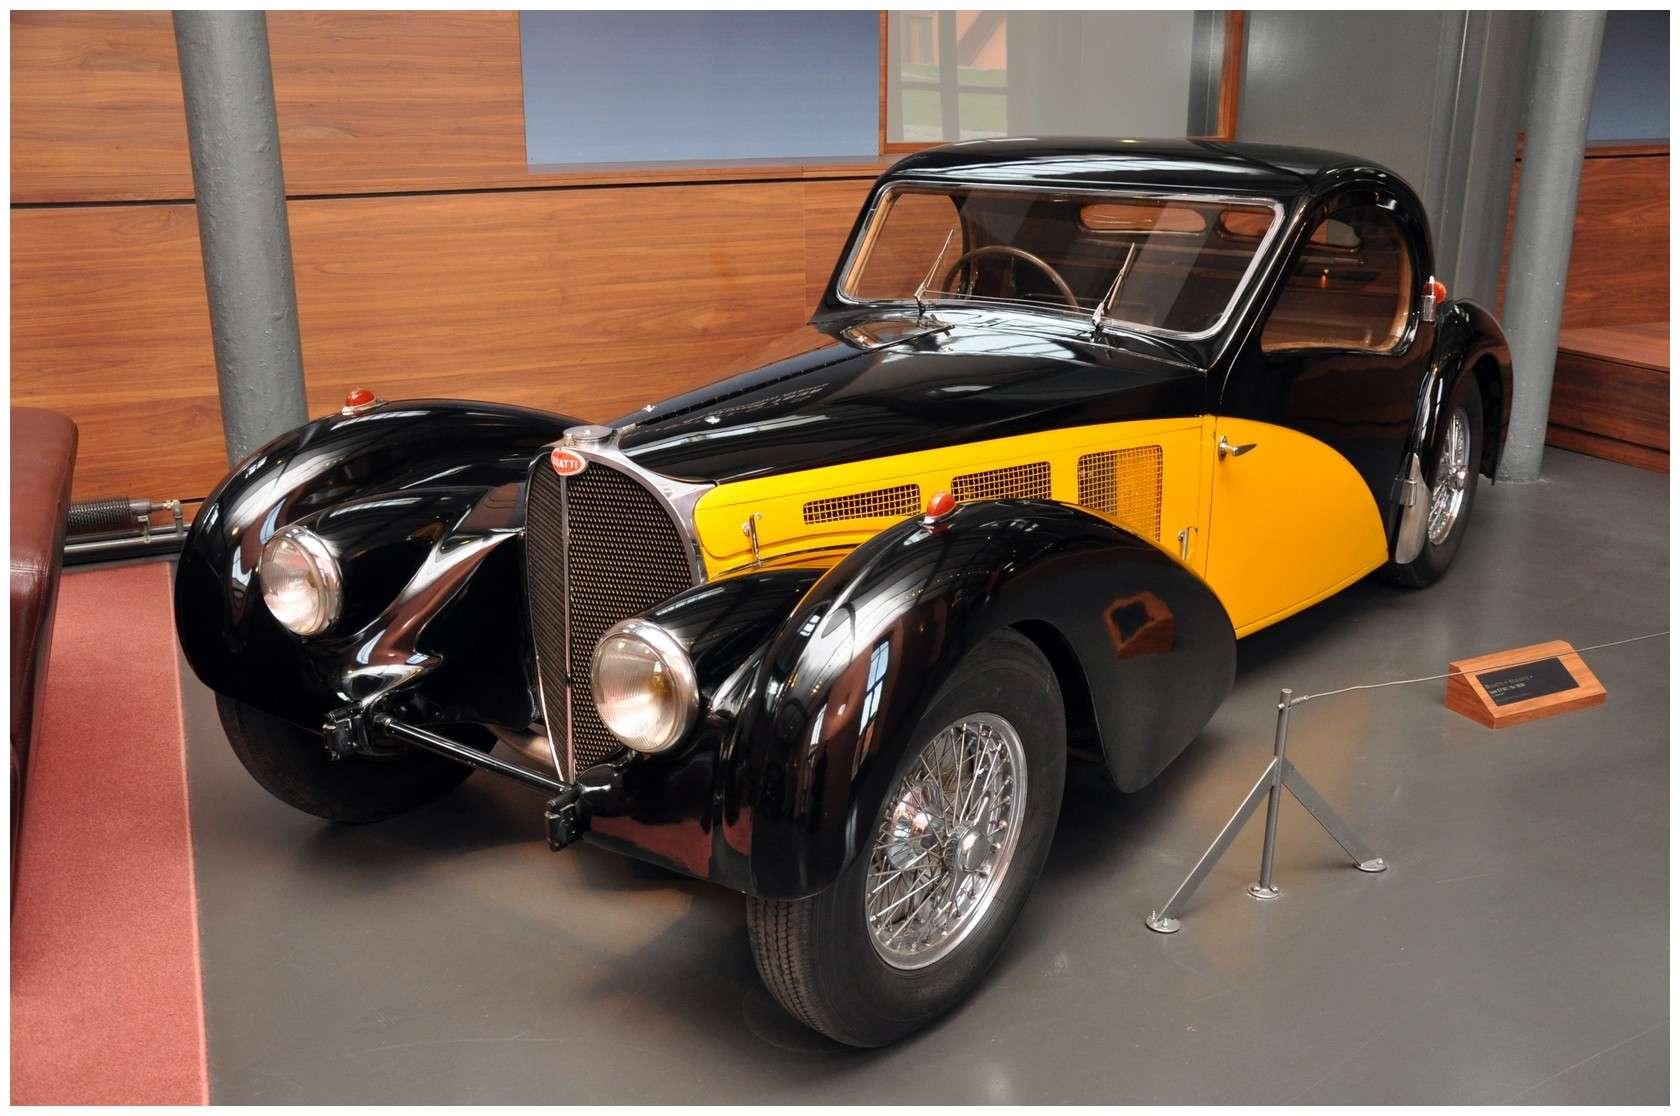 Mulhouse: La Cité de l' automobile, the largest car museum in the world. Type5710